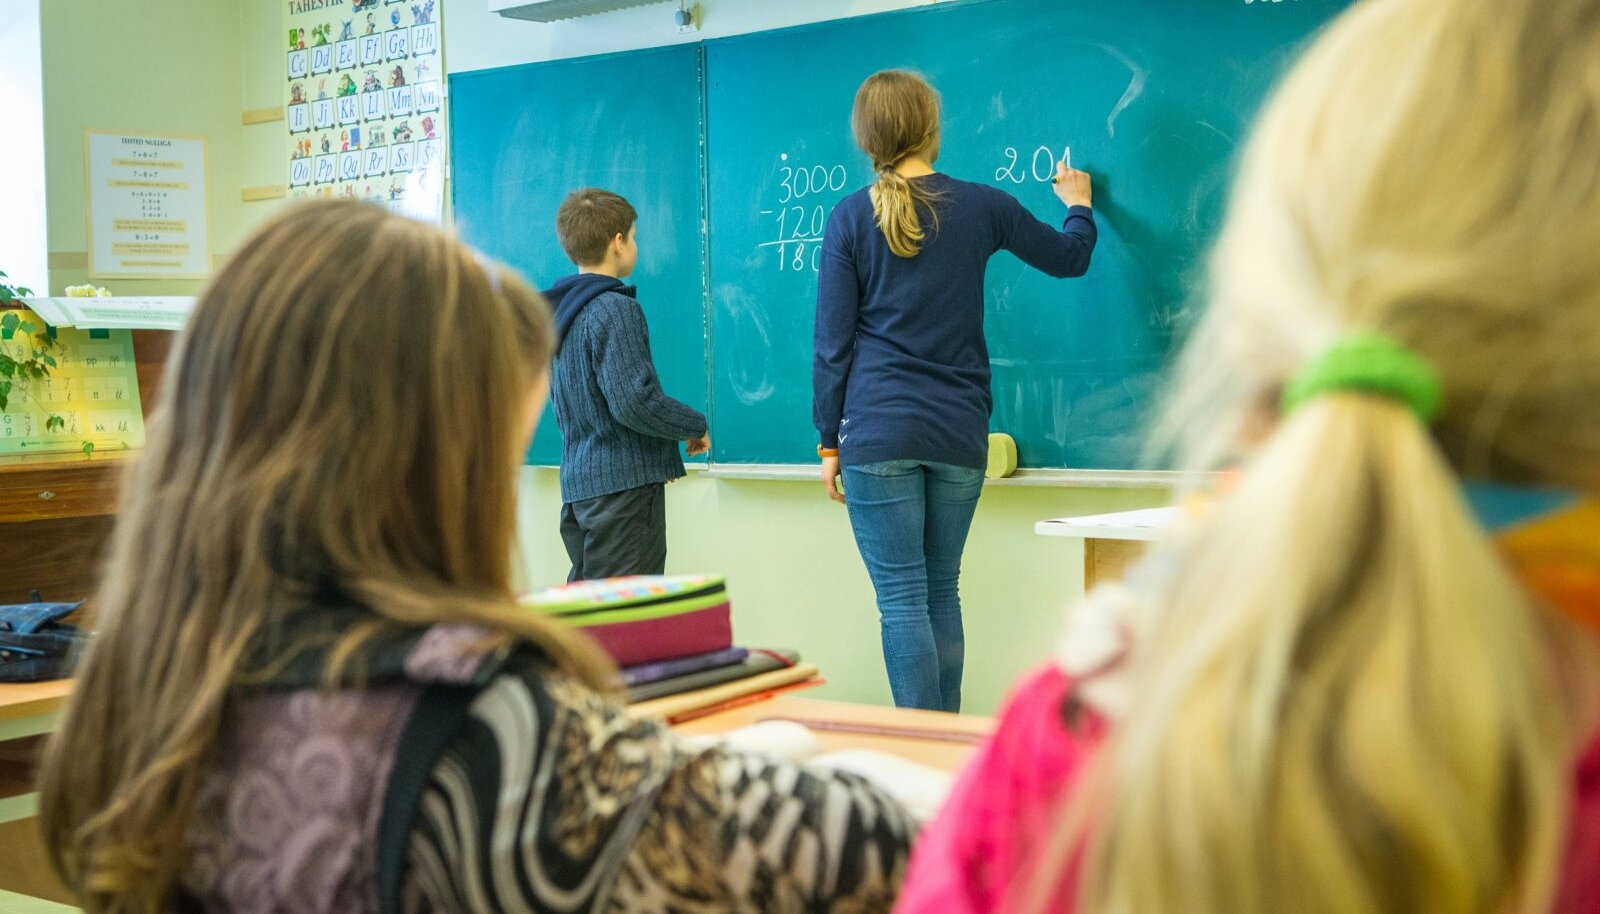 Õpetajate palgakasvuks andis valitsus lisaraha viis protsenti ehk umbkaudu 20,7 miljonit eurot. 5-protsendilise palgakasvu juures kerkib õpetajate alammäär 1315 eurolt 1381 euroni.